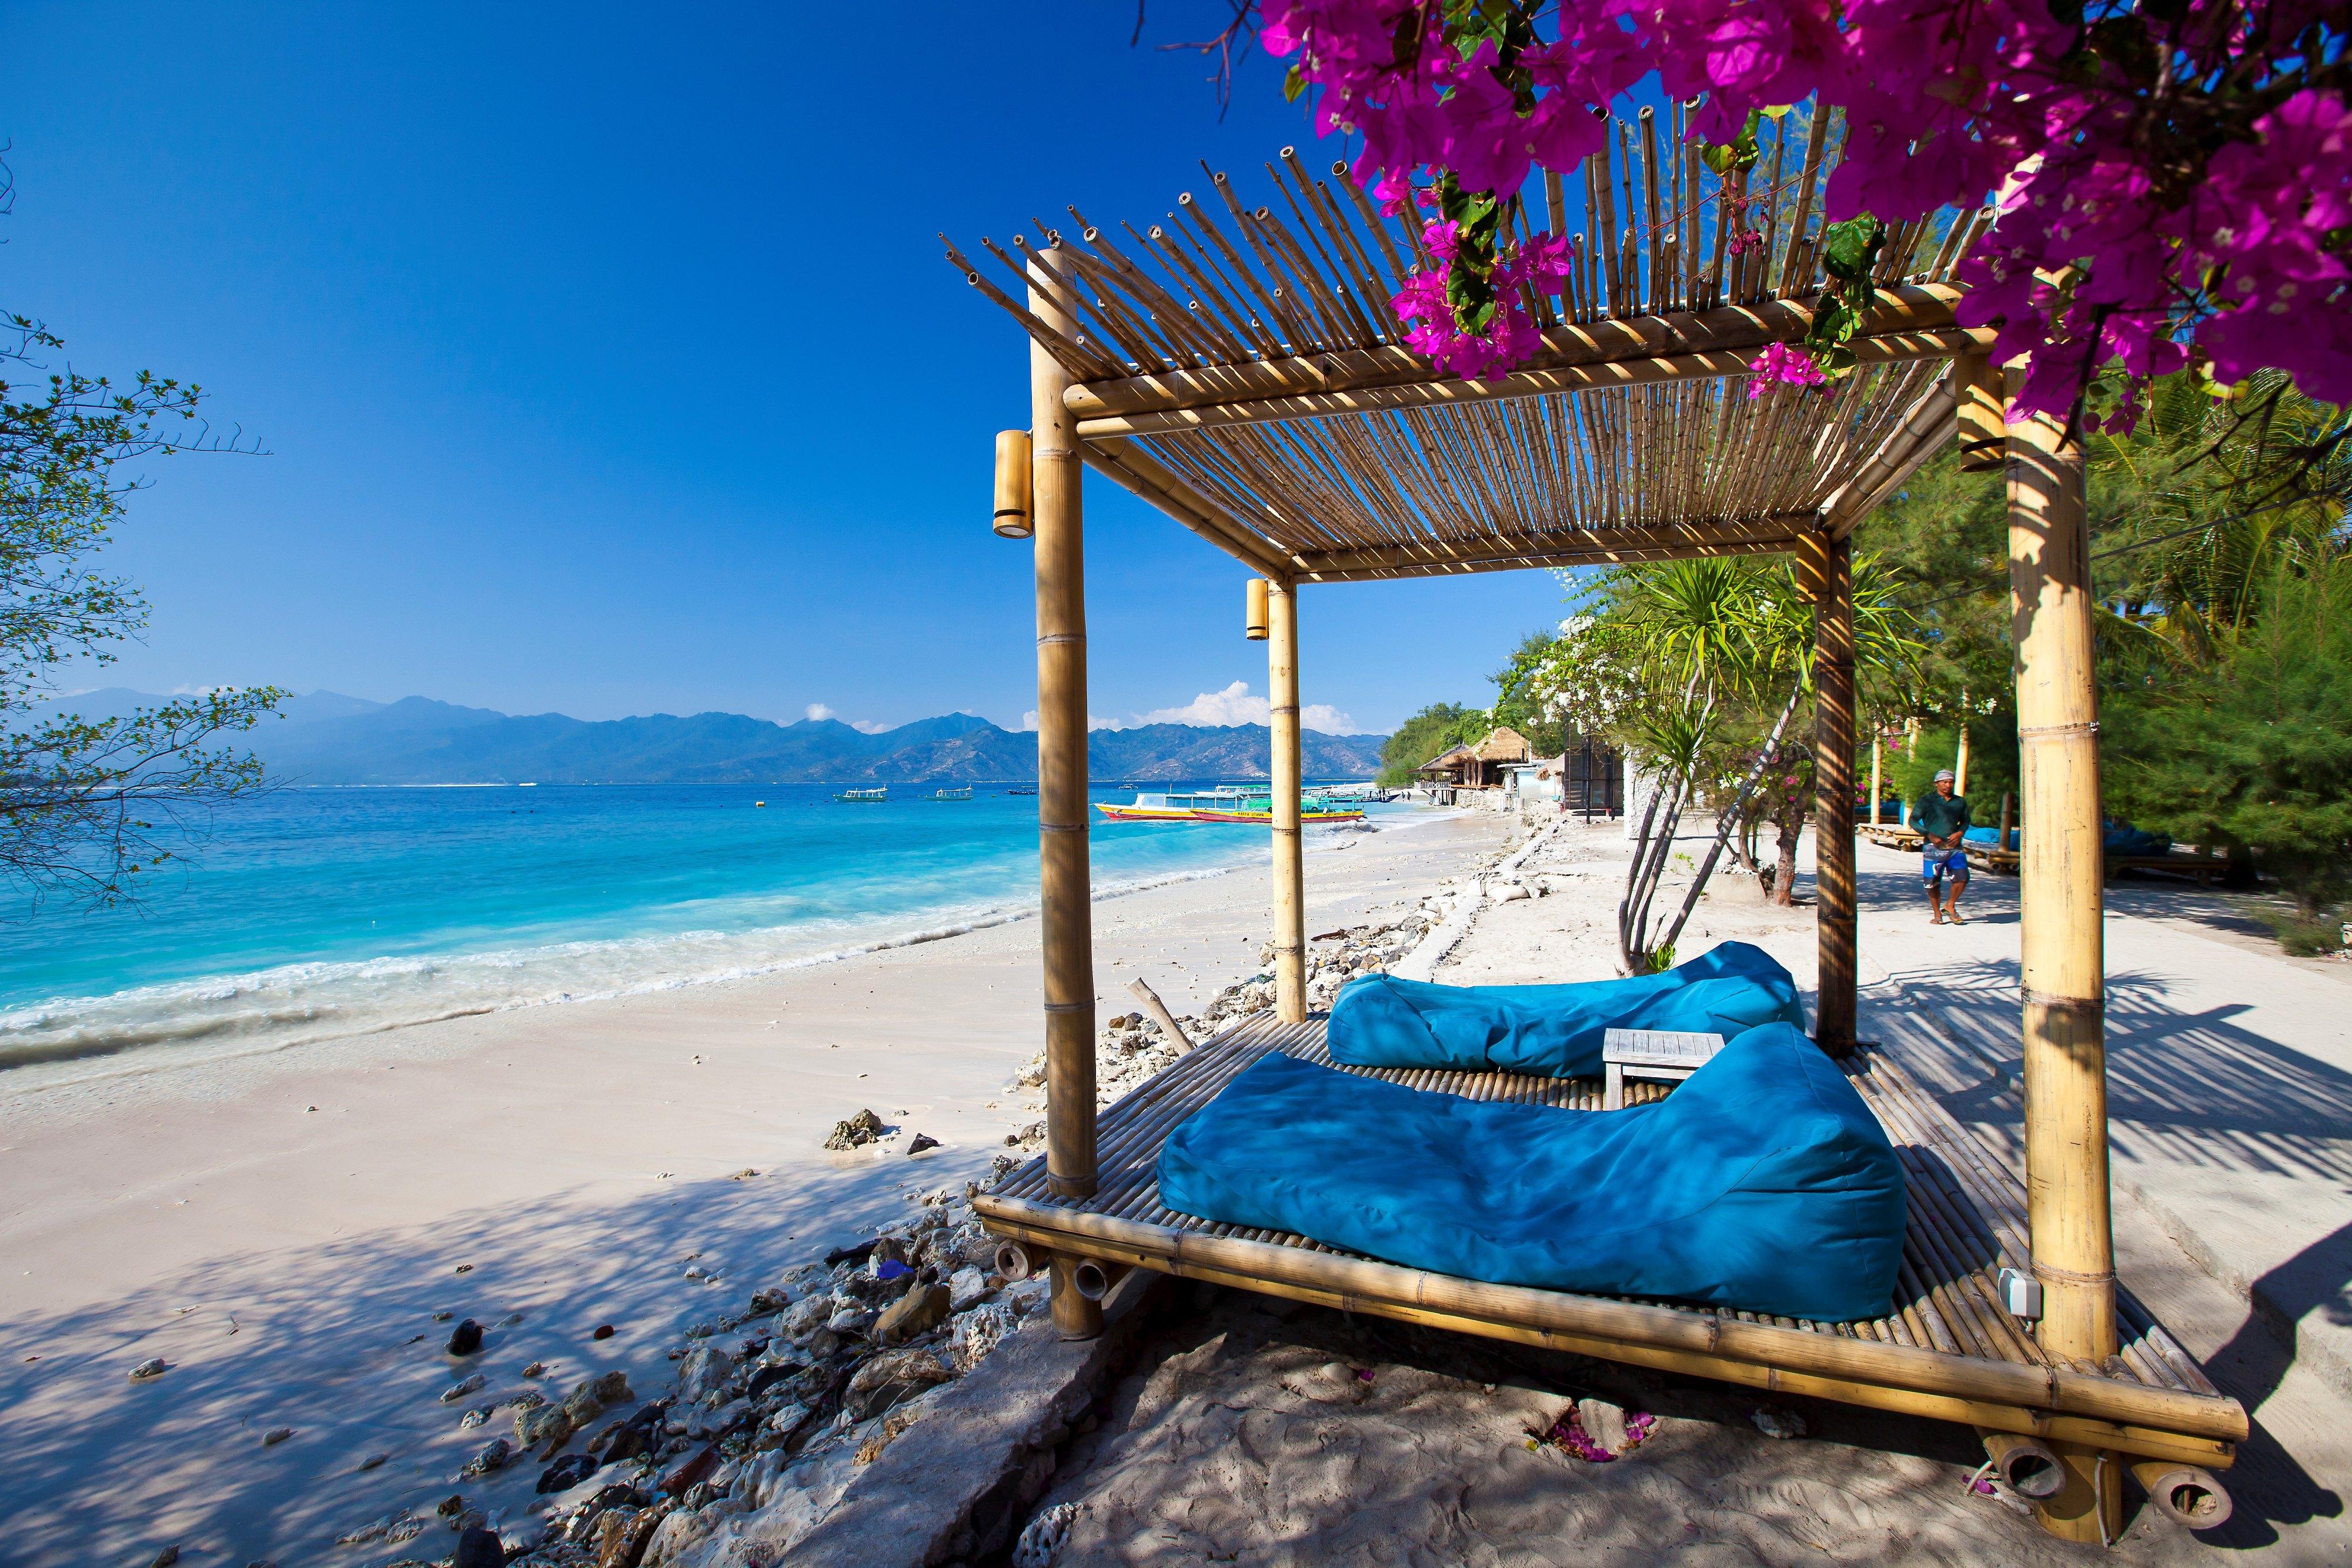 心里却想着巴厘岛的海多么蓝